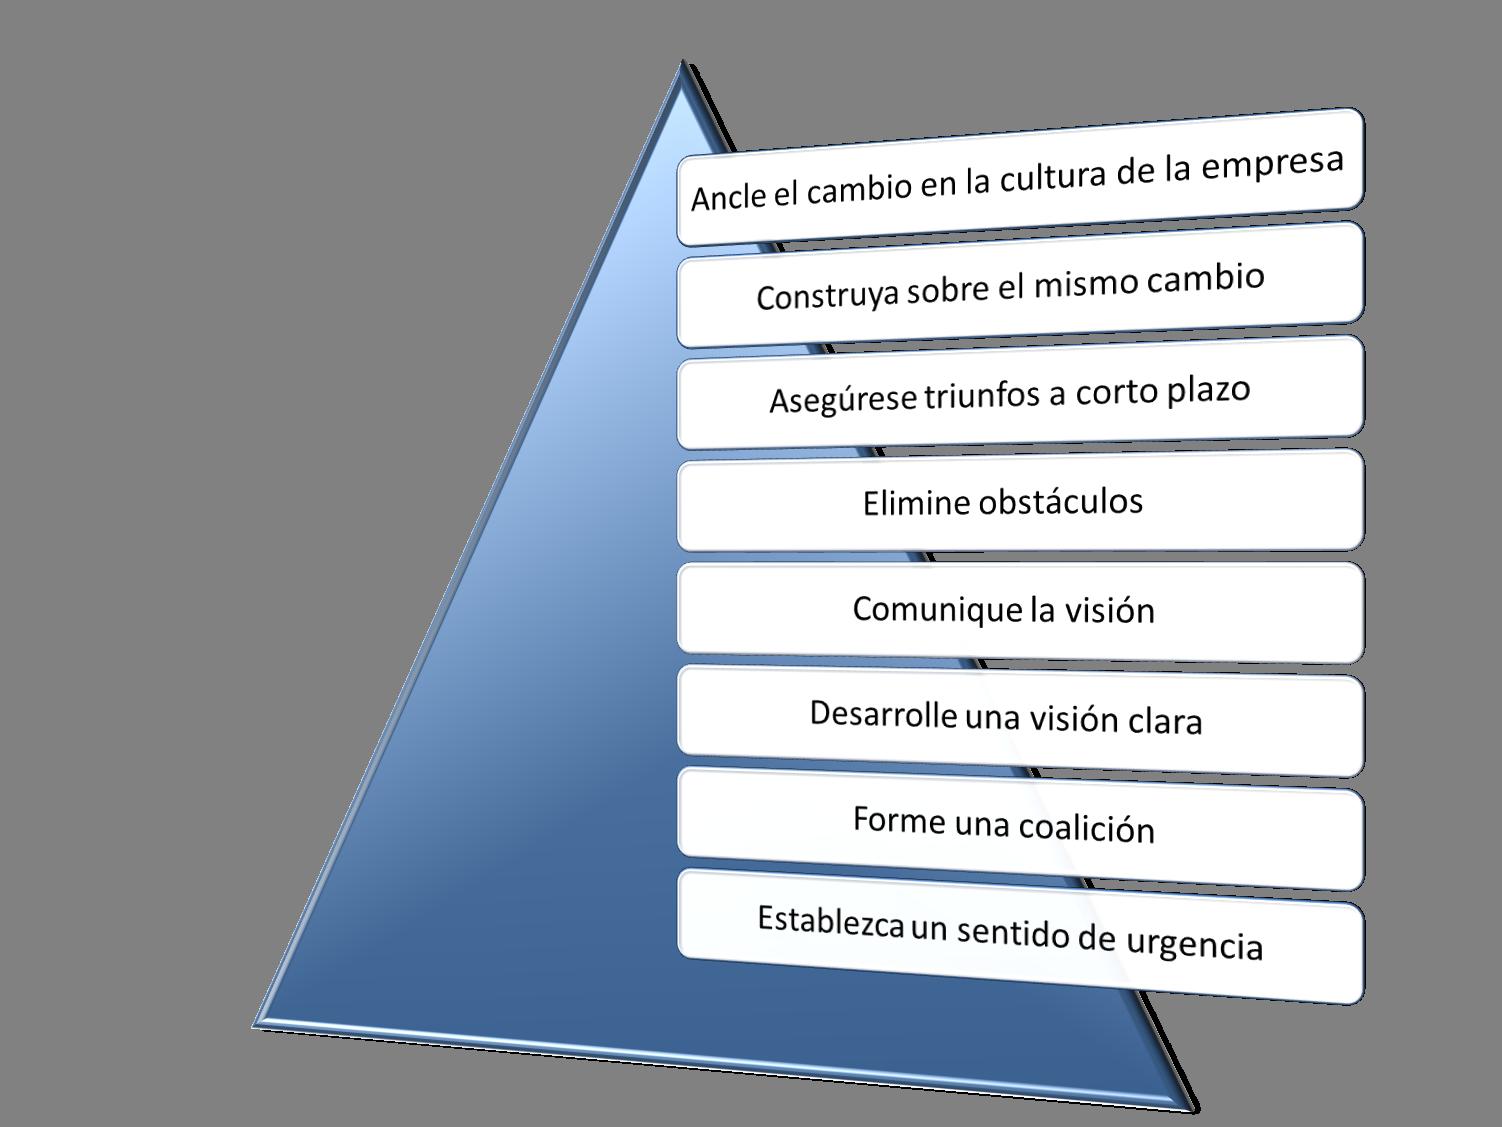 Modelo de Kotter de gestión del cambio en 8 pasos | Aprendizaje ...